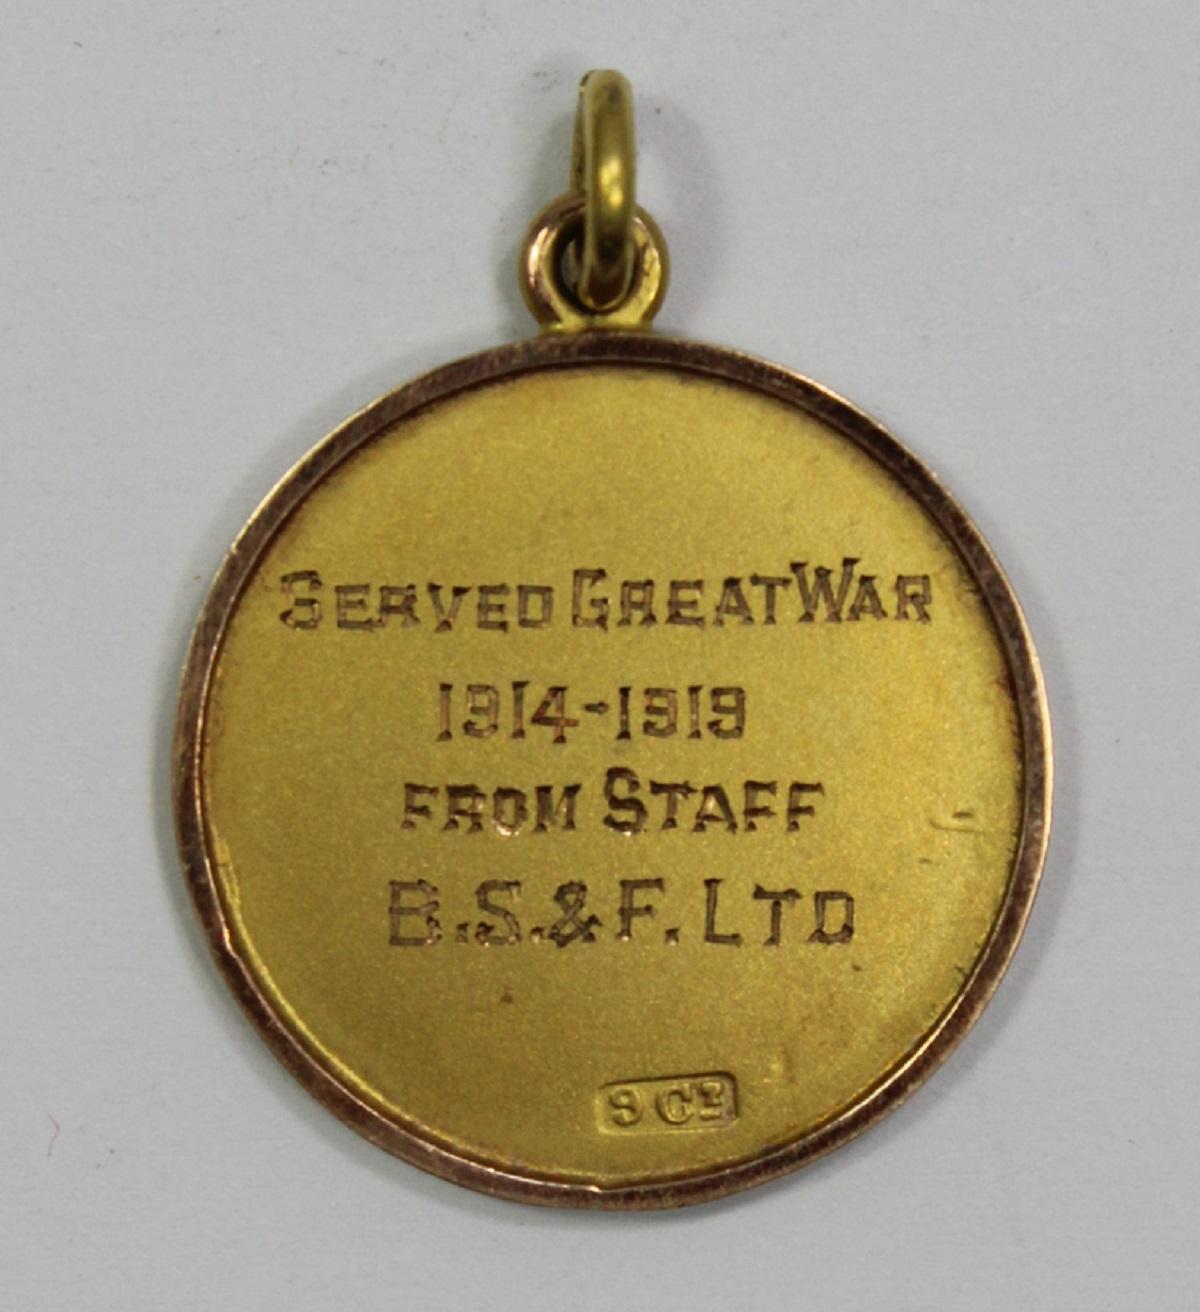 """WWI Australia. 9ct Gold Fob """"Served Great War 1914-1918, From Staff B.S.F. Ltd. - E Forsyth"""""""